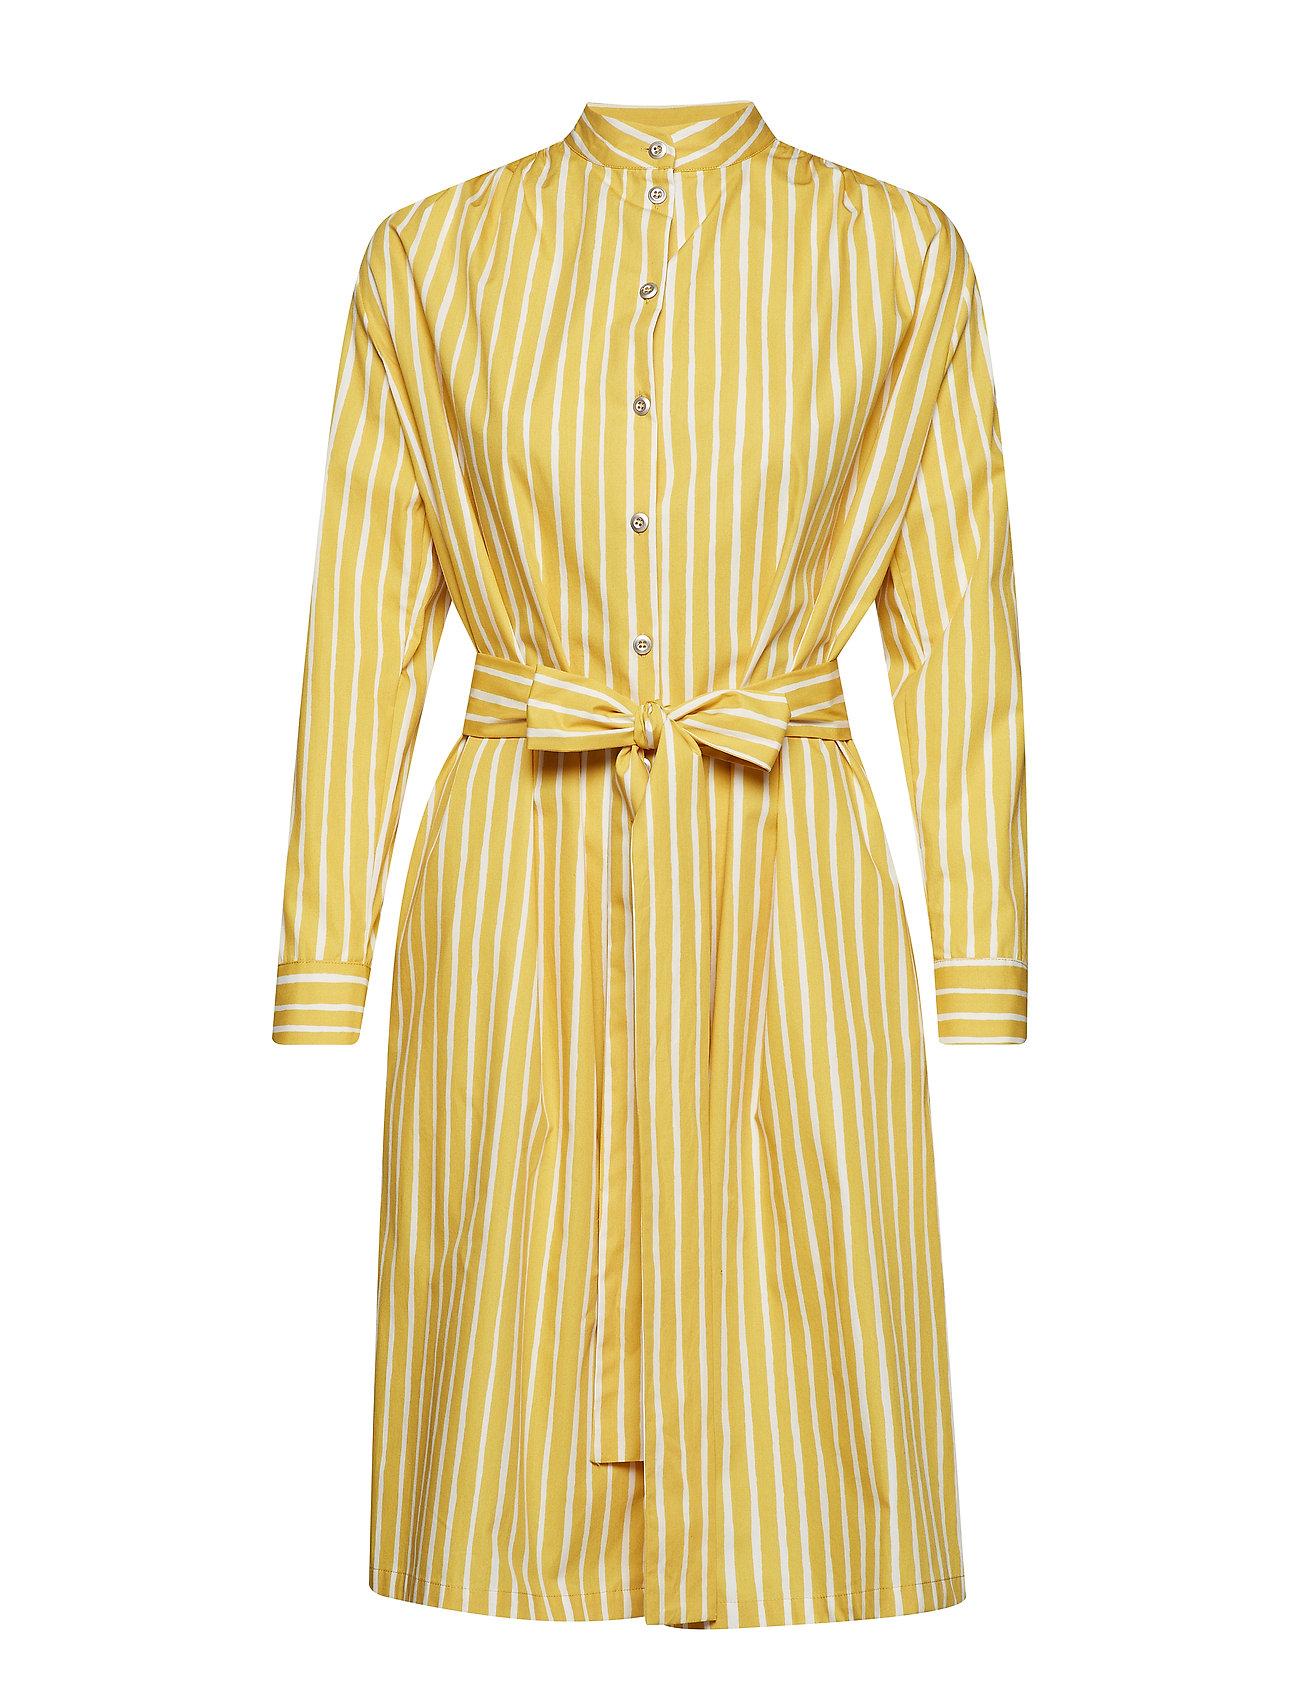 Marimekko ILMASSA PICCOLO Dress